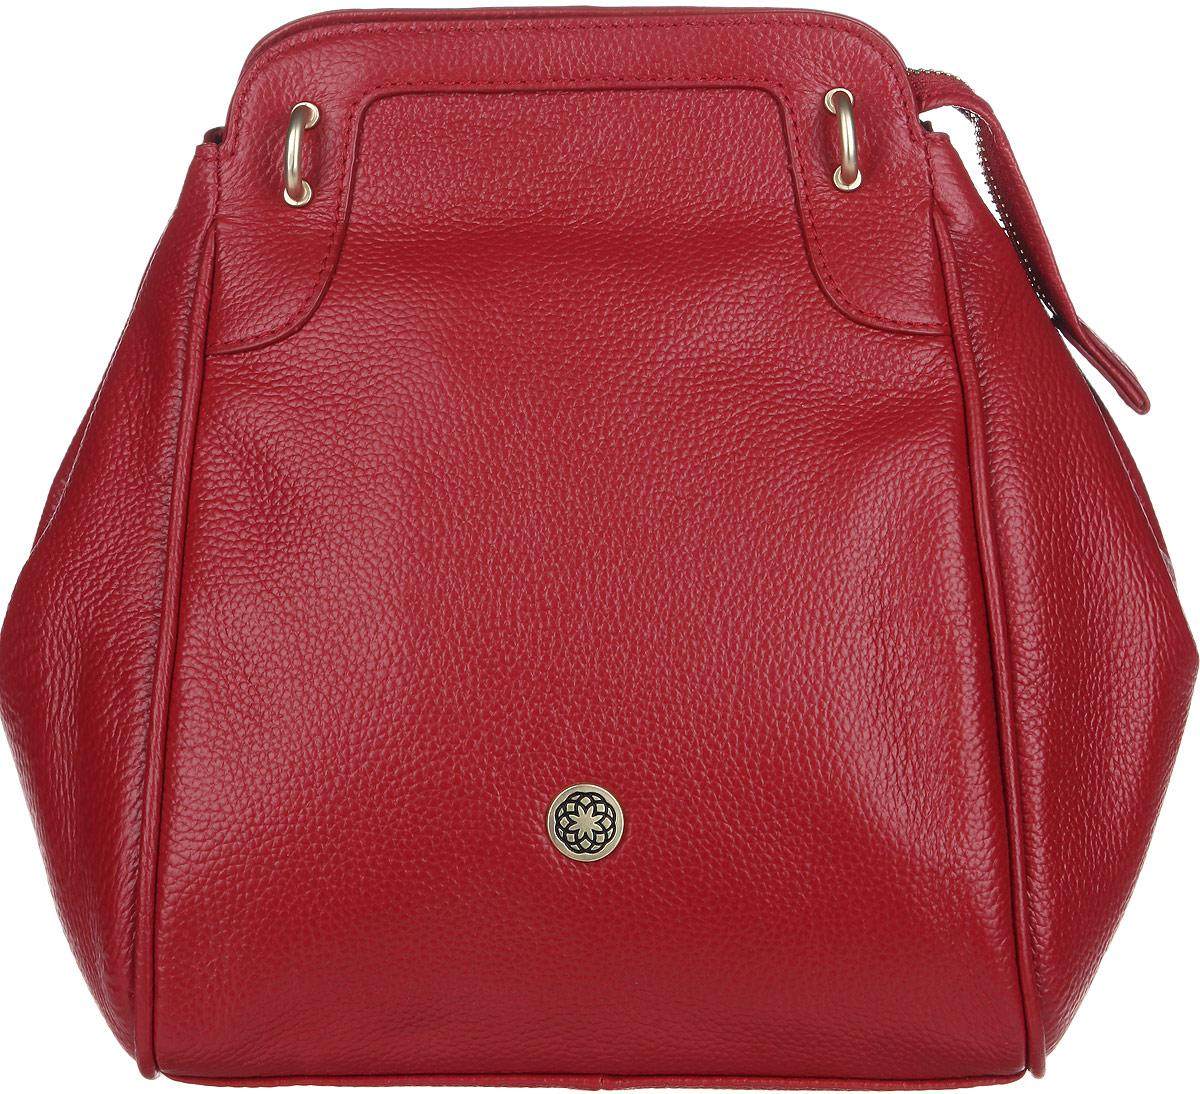 Сумка женская Fiorita, цвет: красный. 0665F0665F redСтильная женская сумка Fiorita выполнена из натуральной кожи с фактурным тиснением. Изделие имеет одно основное отделение, которое закрывается на застежку-молнию. Дополнительно по бокам сумка застегивается на кнопки. Внутри находятся два прорезных кармашка на застежках-молниях и два накладных открытых кармашка. Снаружи, на задней стенке расположен прорезной карман на застежке-молнии. Изделие оснащено двумя съемными плечевыми ремнями, которые позволяют носить сумку на плече и трансформируют ее в рюкзак. Изделие упаковано в фирменный чехол. Такая сумка дополнит ваш образ и сделает его завершенным.